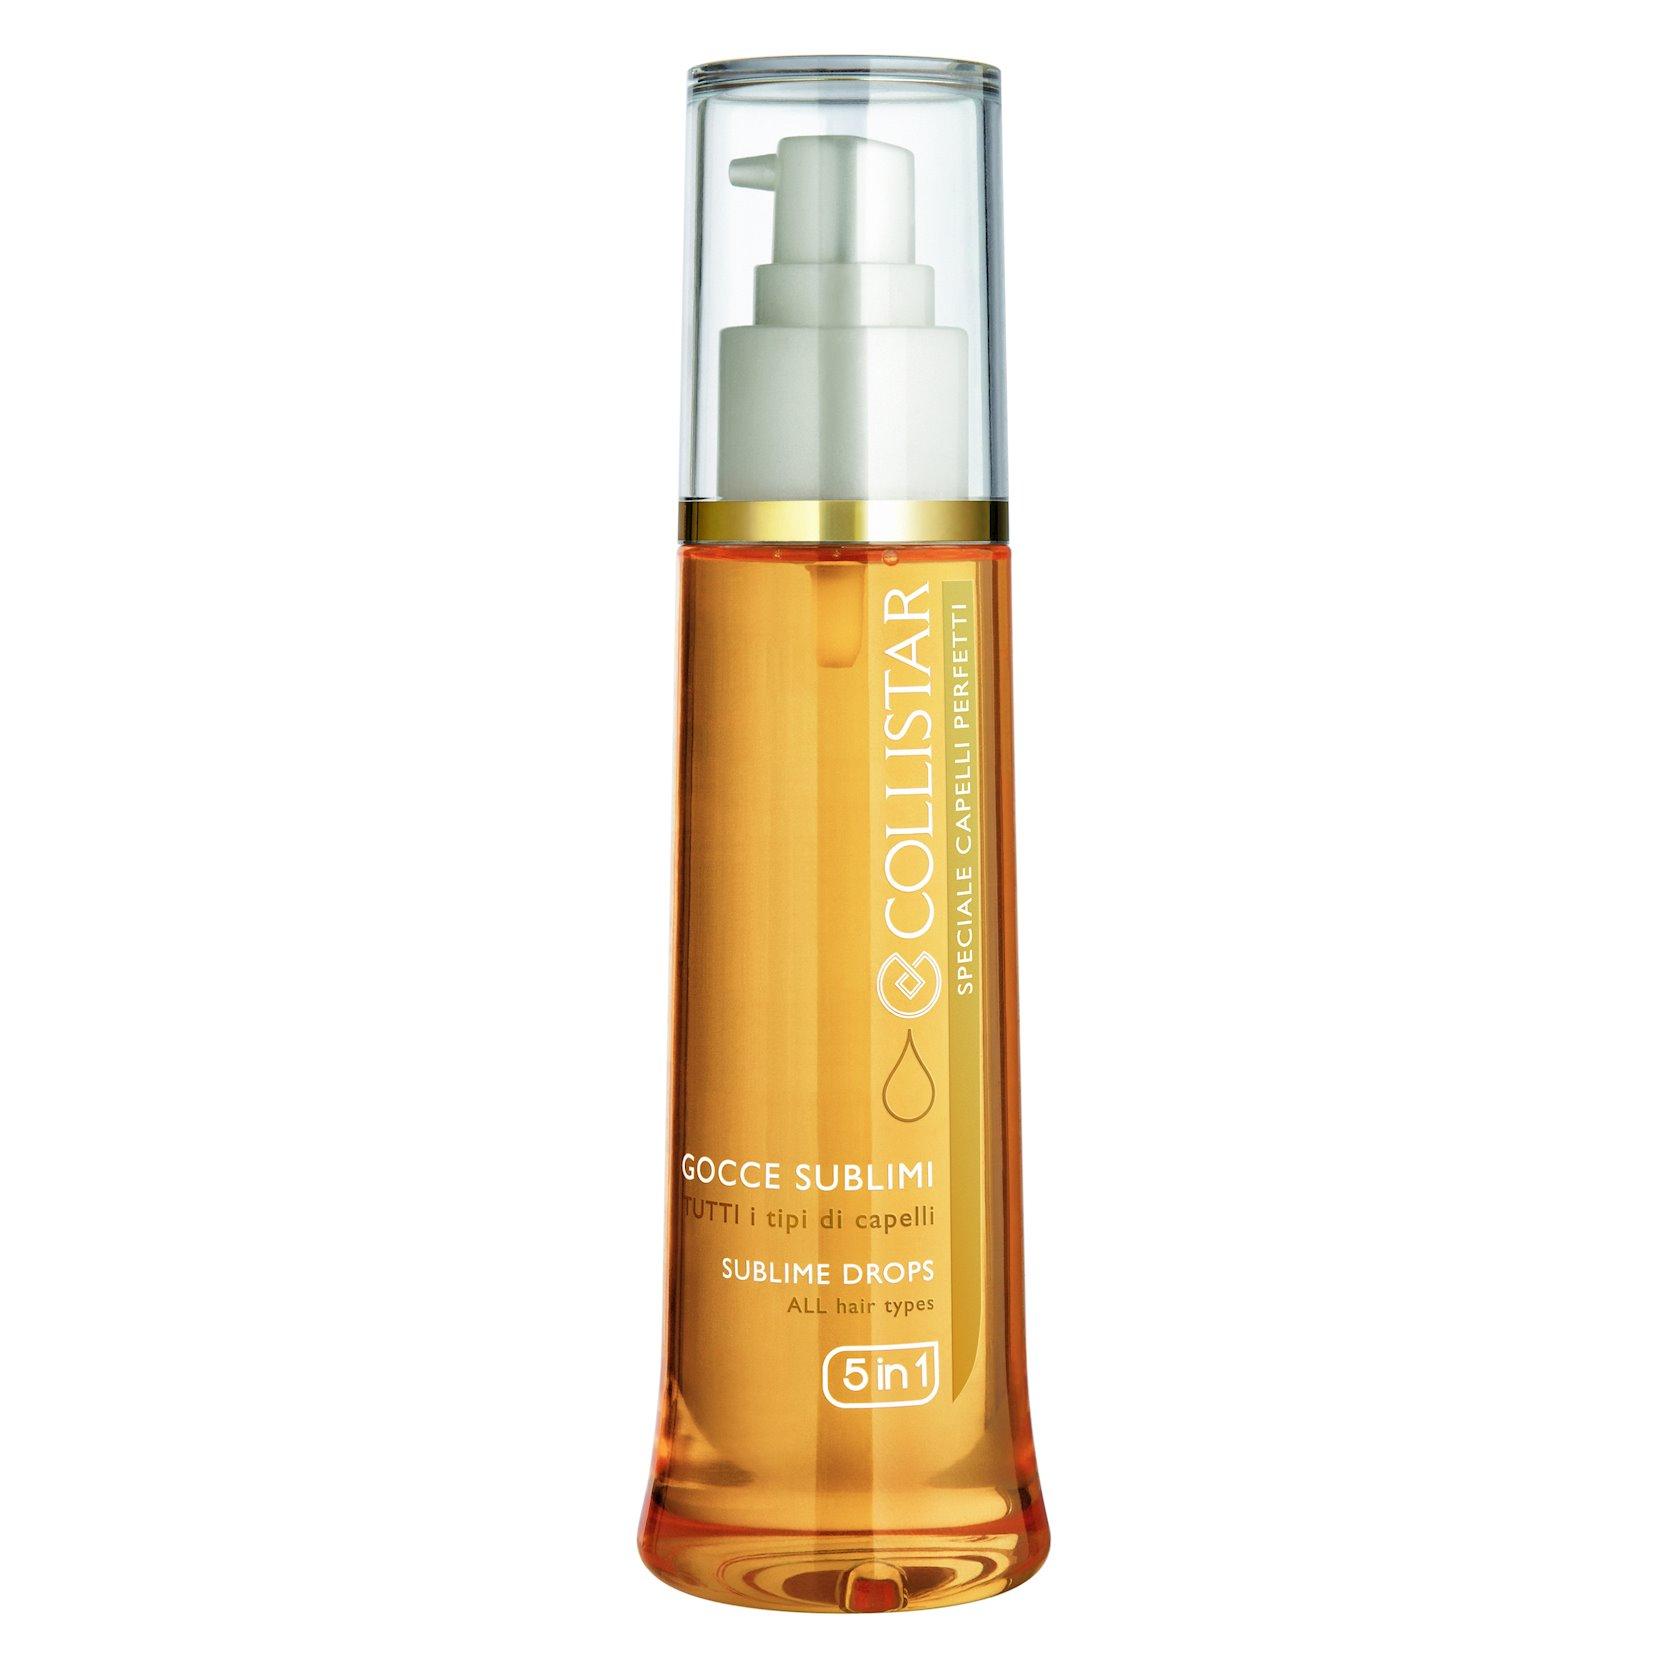 Saç üçün 5 dəyərli yağdan konsentrat Collistar 5 In 1 Sublime Drops 100 ml